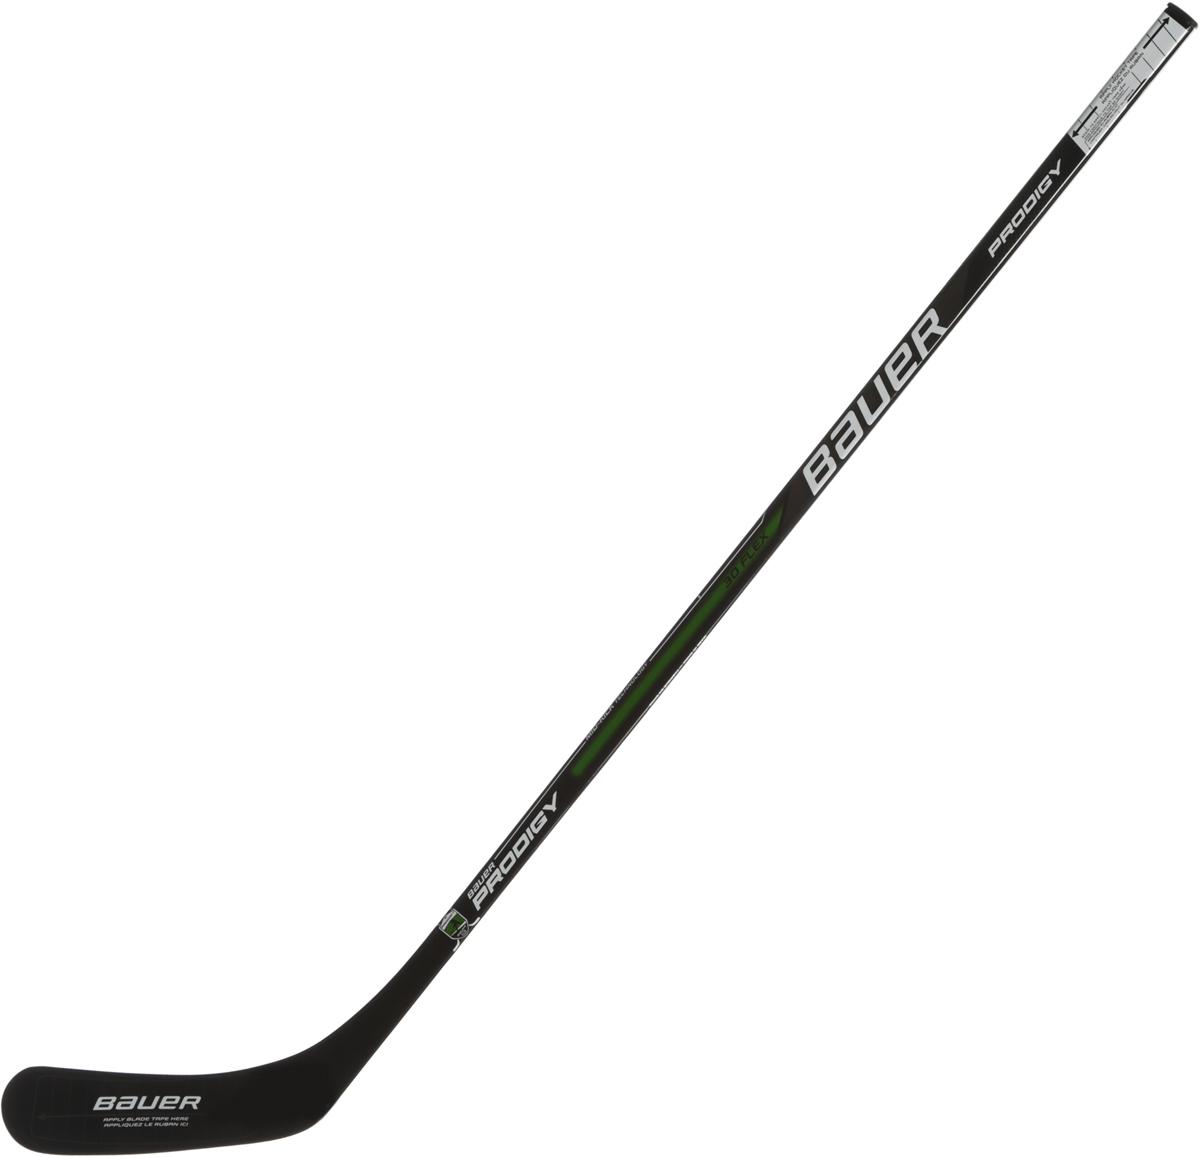 Хоккейная клюшка BAUER Prodigy Comp Stick 42, загиб правый.1050226